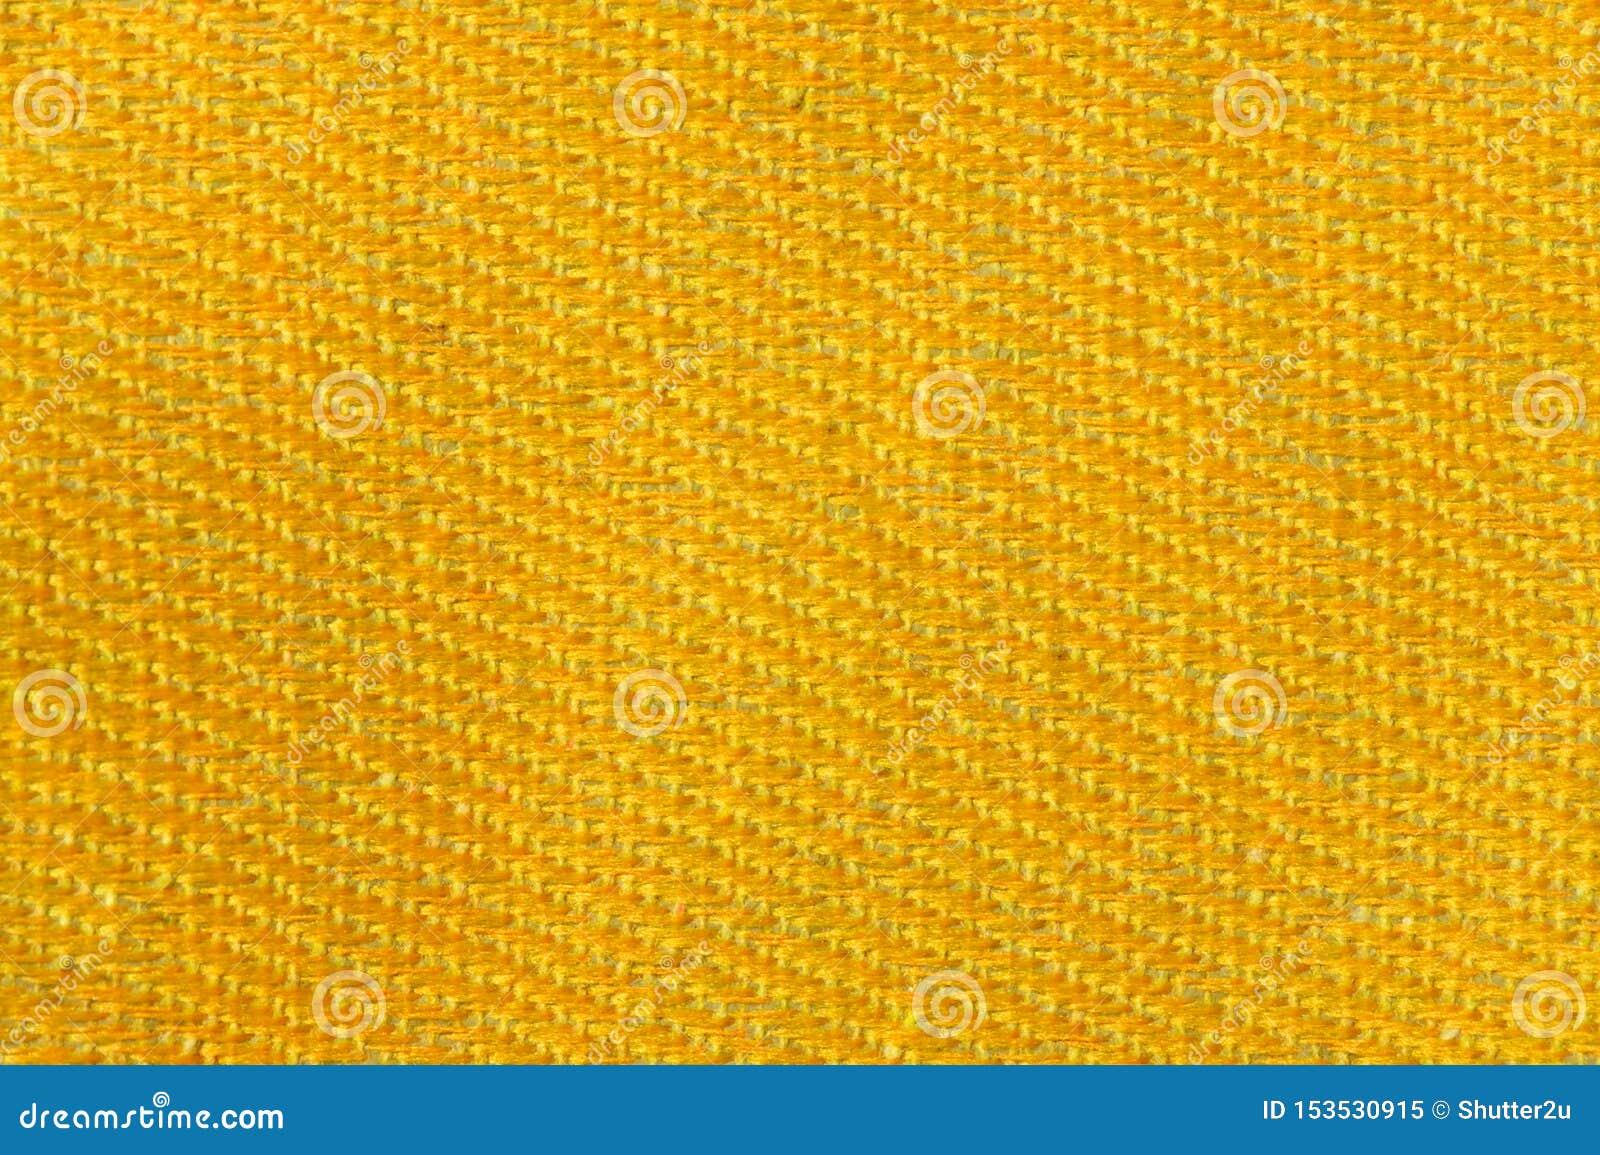 Fondo de la textura de la tela de la lona del oro amarillo Concepto de la materia textil y de la decoración Papel pintado y diseñ